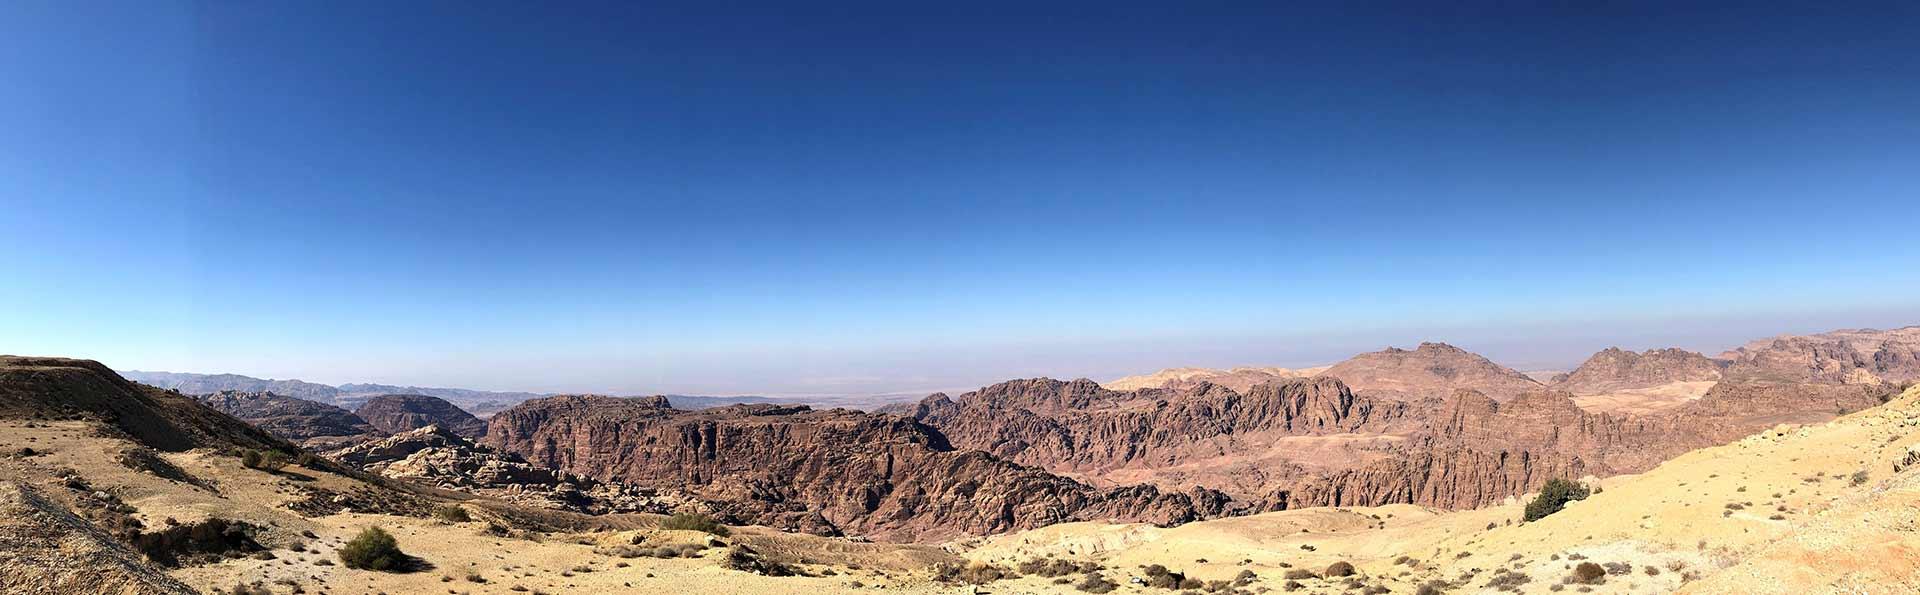 Giordania - Viaggi di gruppo in medio Oriente